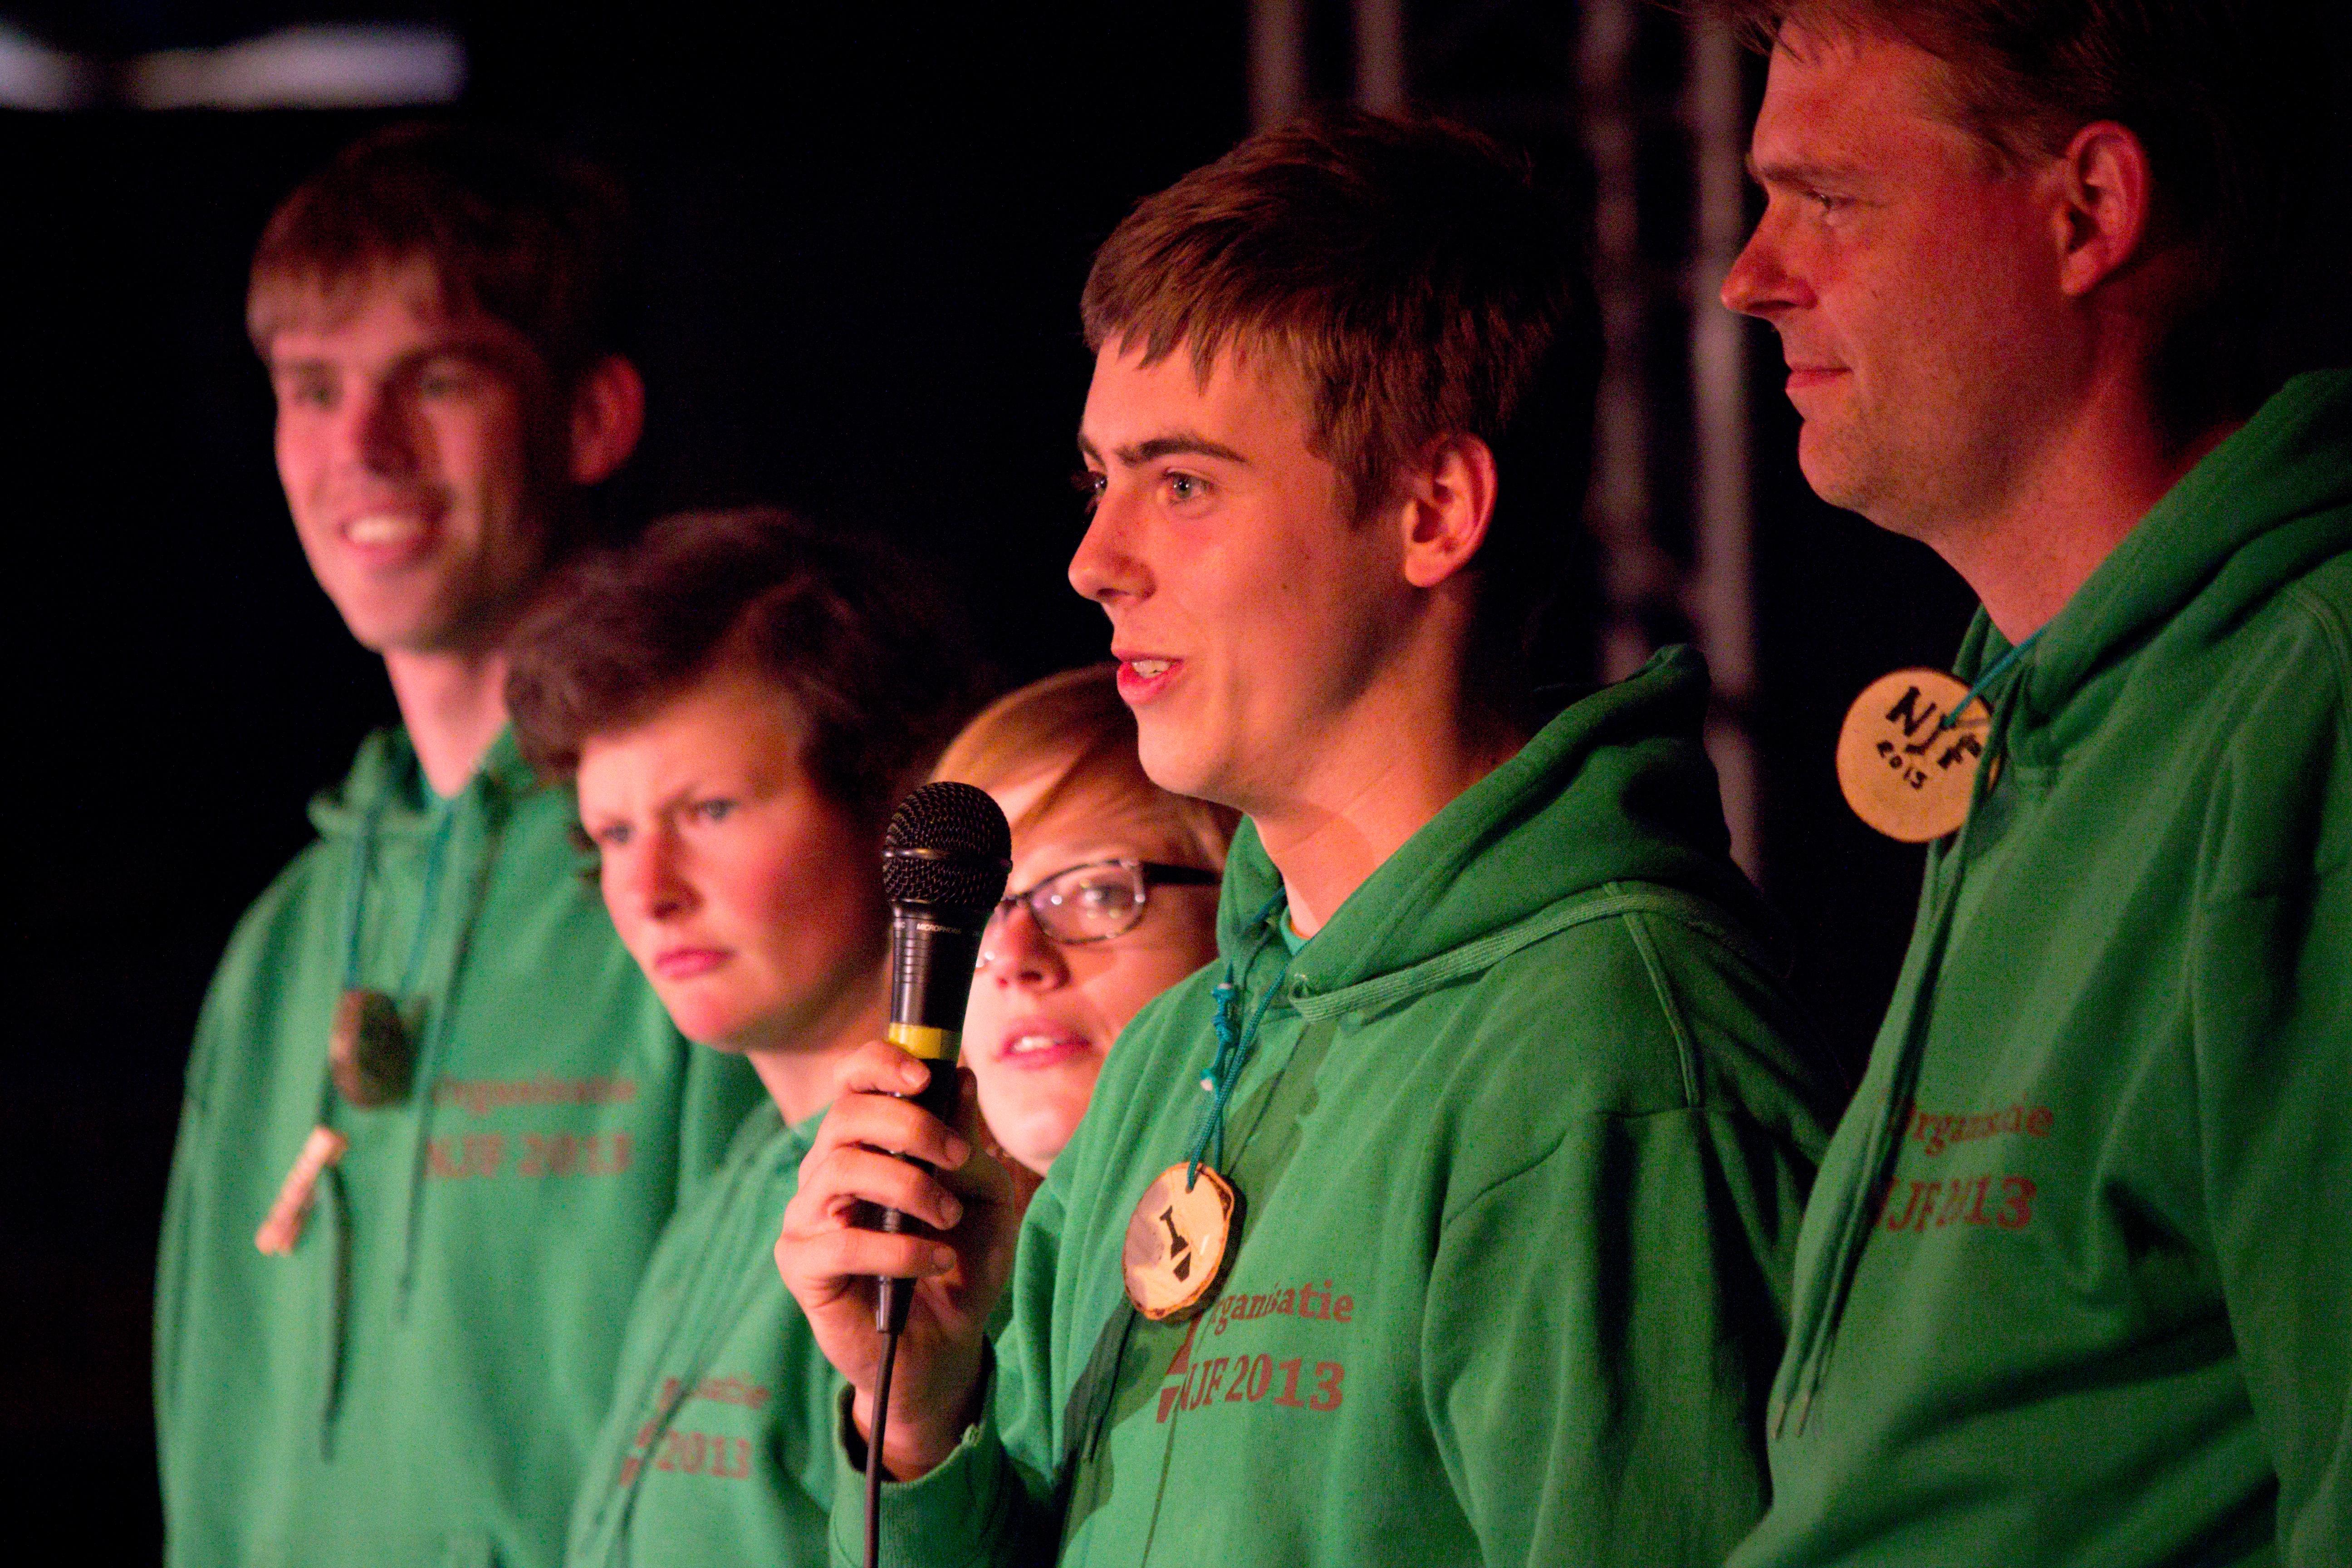 Nederlands Jongleer Festival 2013: The festival organizers.